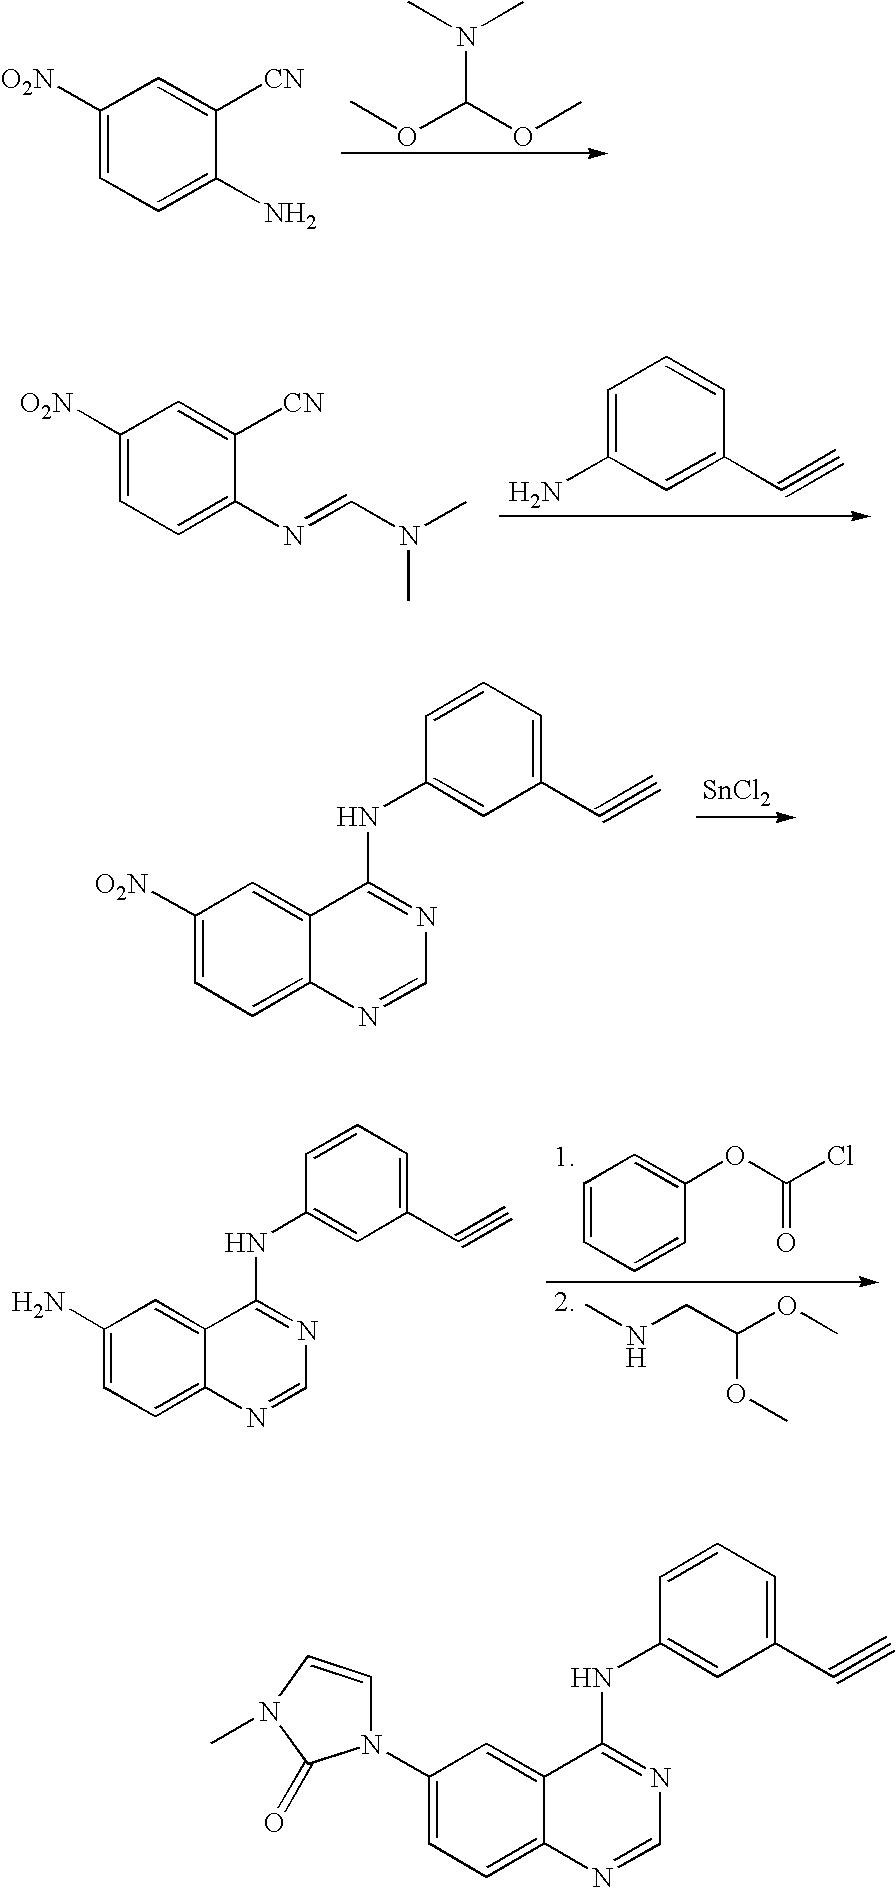 Figure US08426430-20130423-C00044